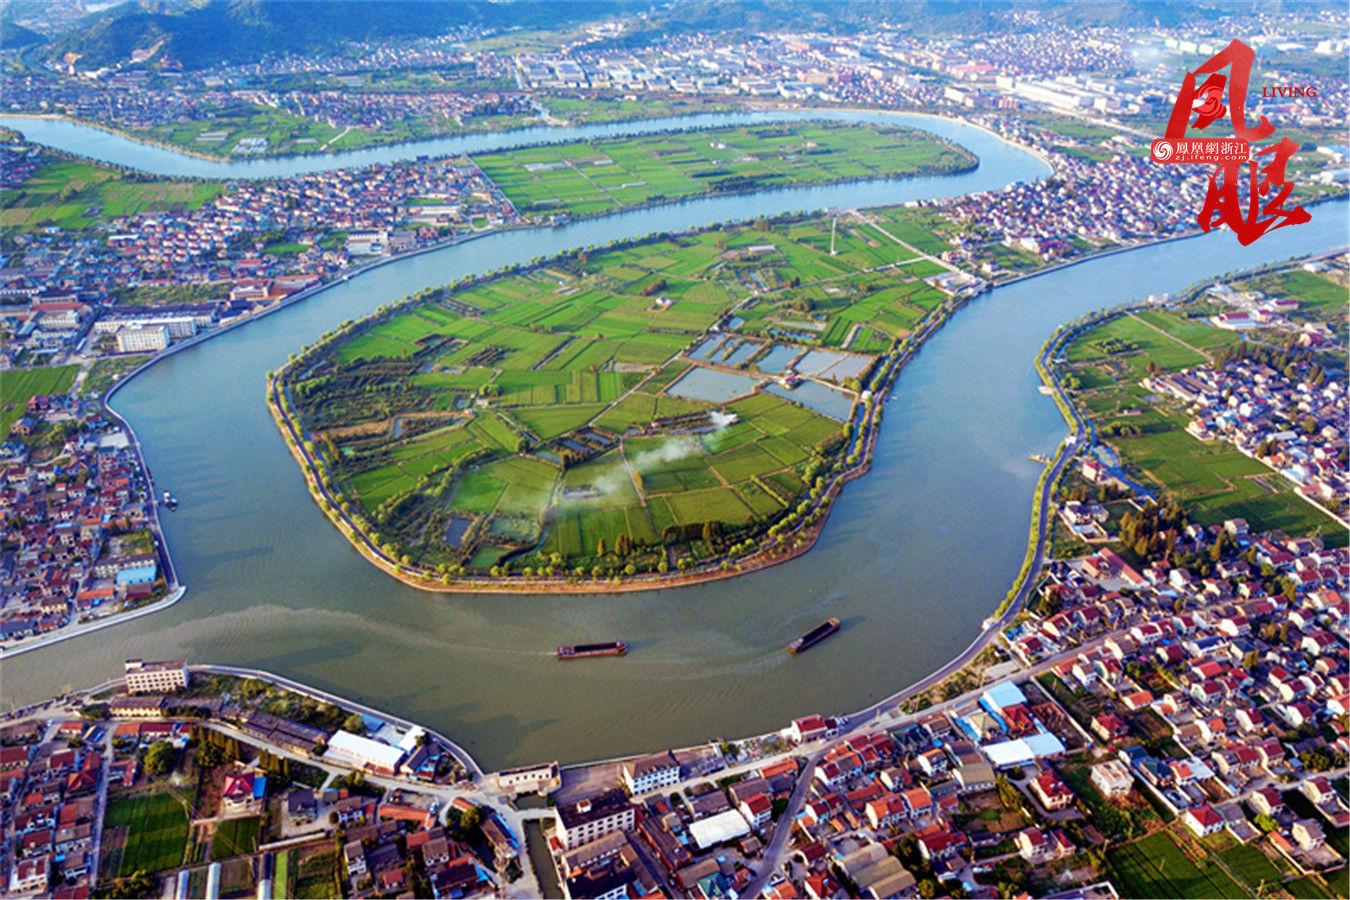 这条世界上最古老的运河,通江达海,正让世界无比广阔